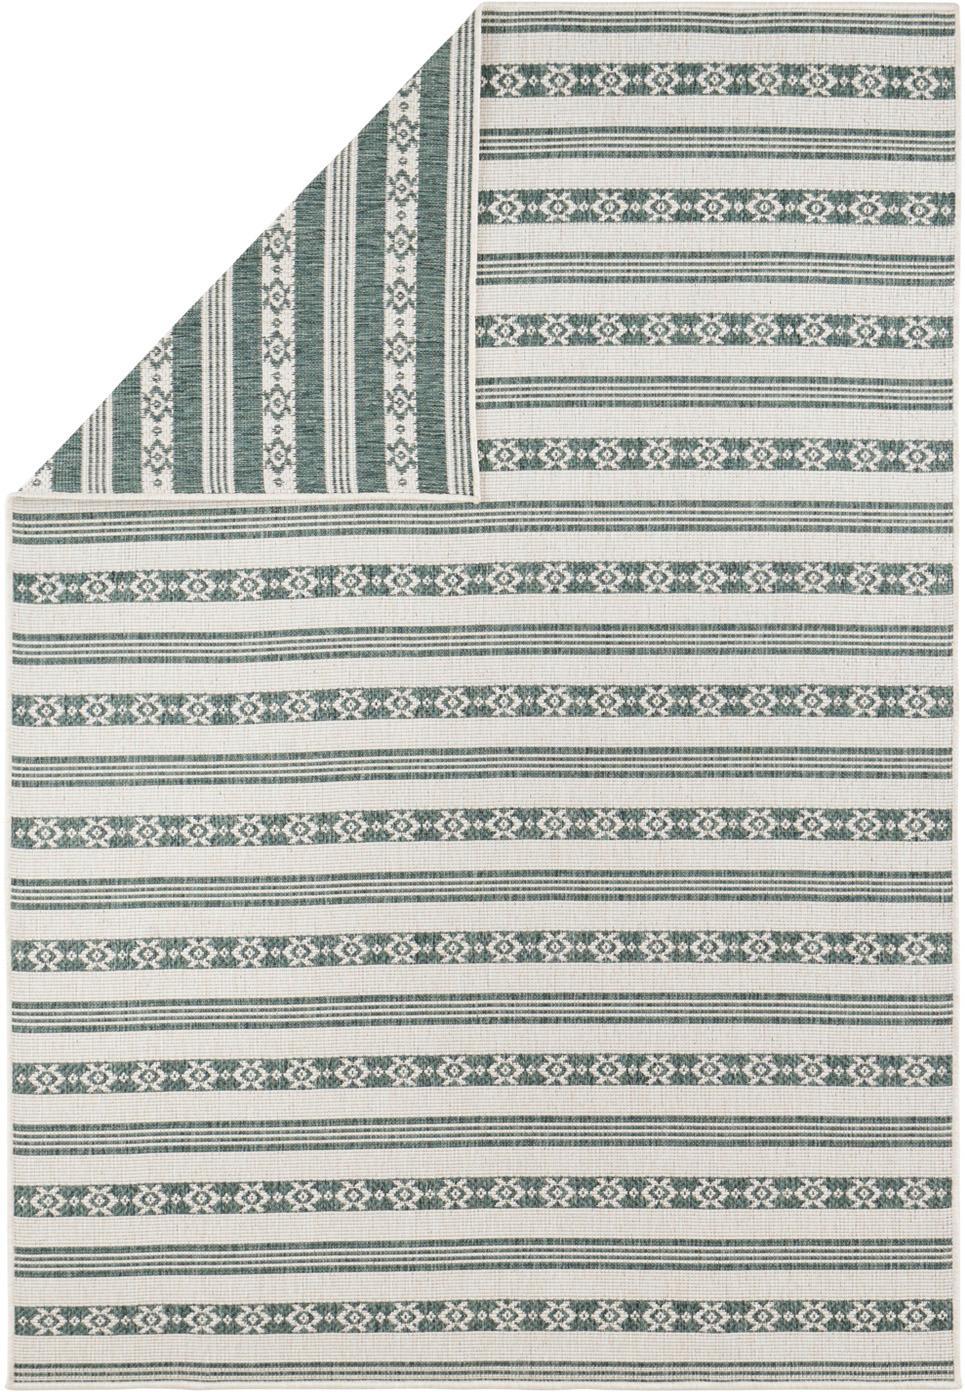 In- & Outdoor-Wendeteppich Fiji in Grün/Creme, 100% Polypropylen, Grün, Cremefarben, B 160 x L 230 cm (Größe M)